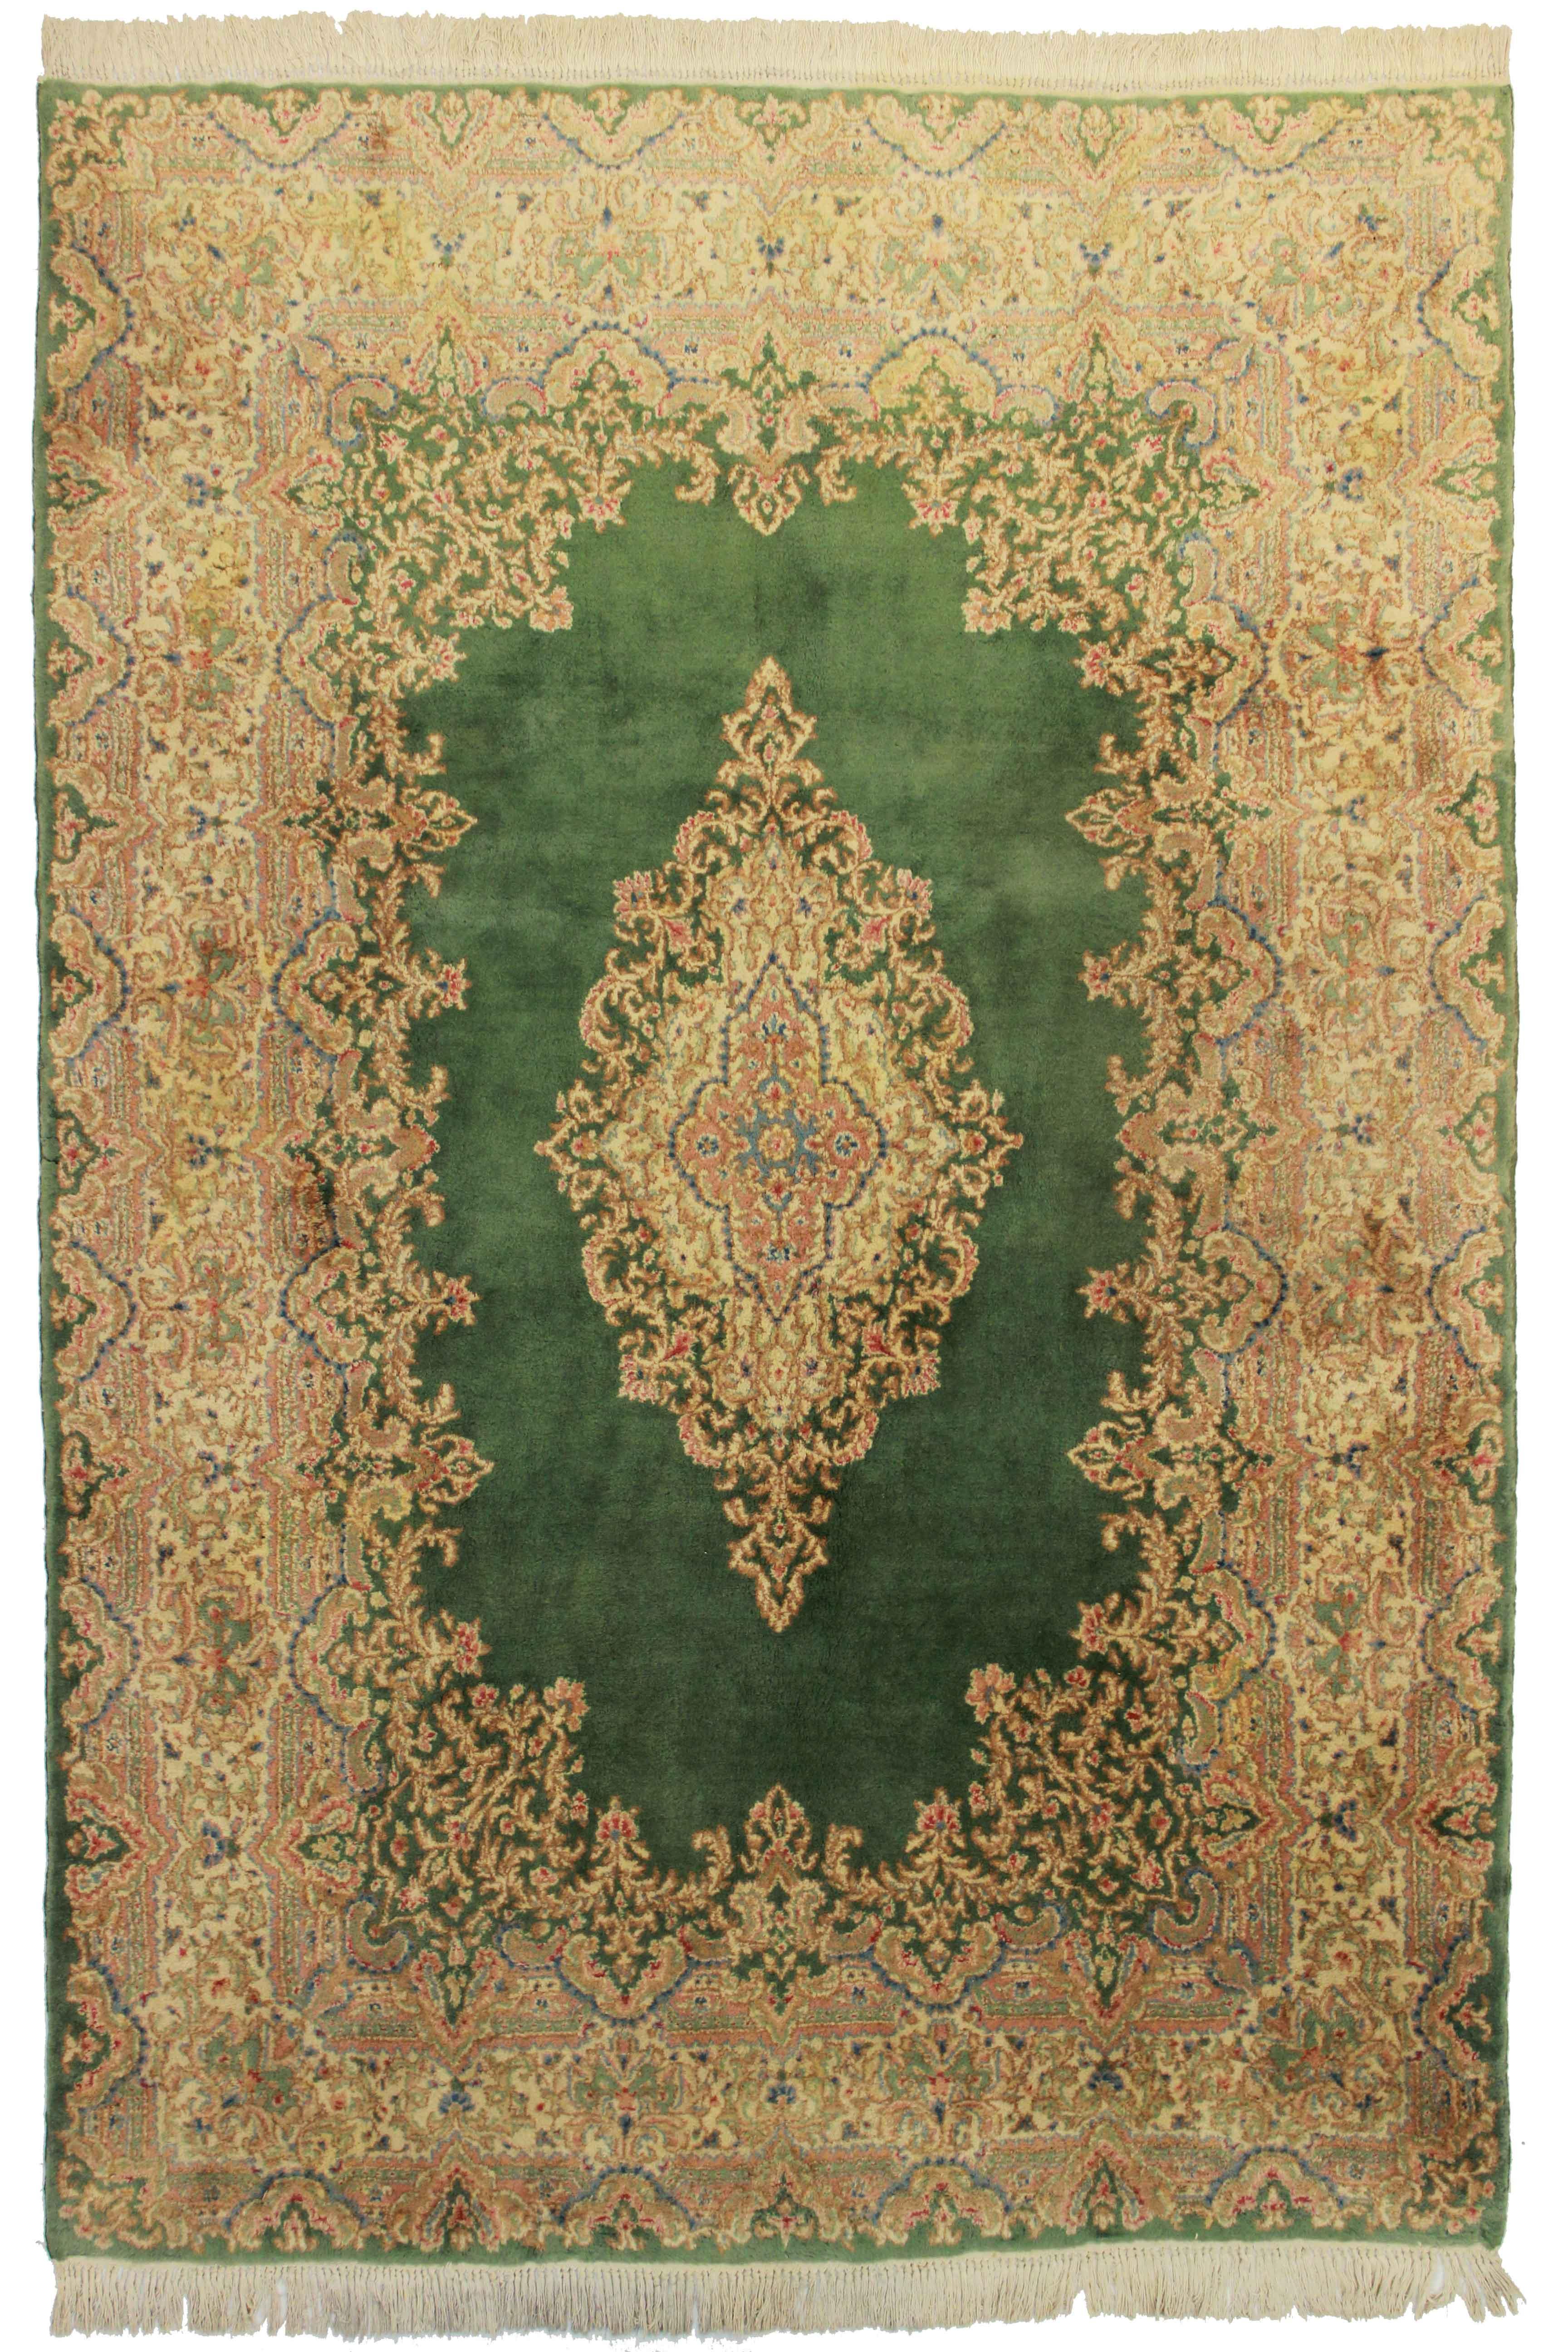 6 X 8 Vintage Wool Persian Kerman Rug 10500